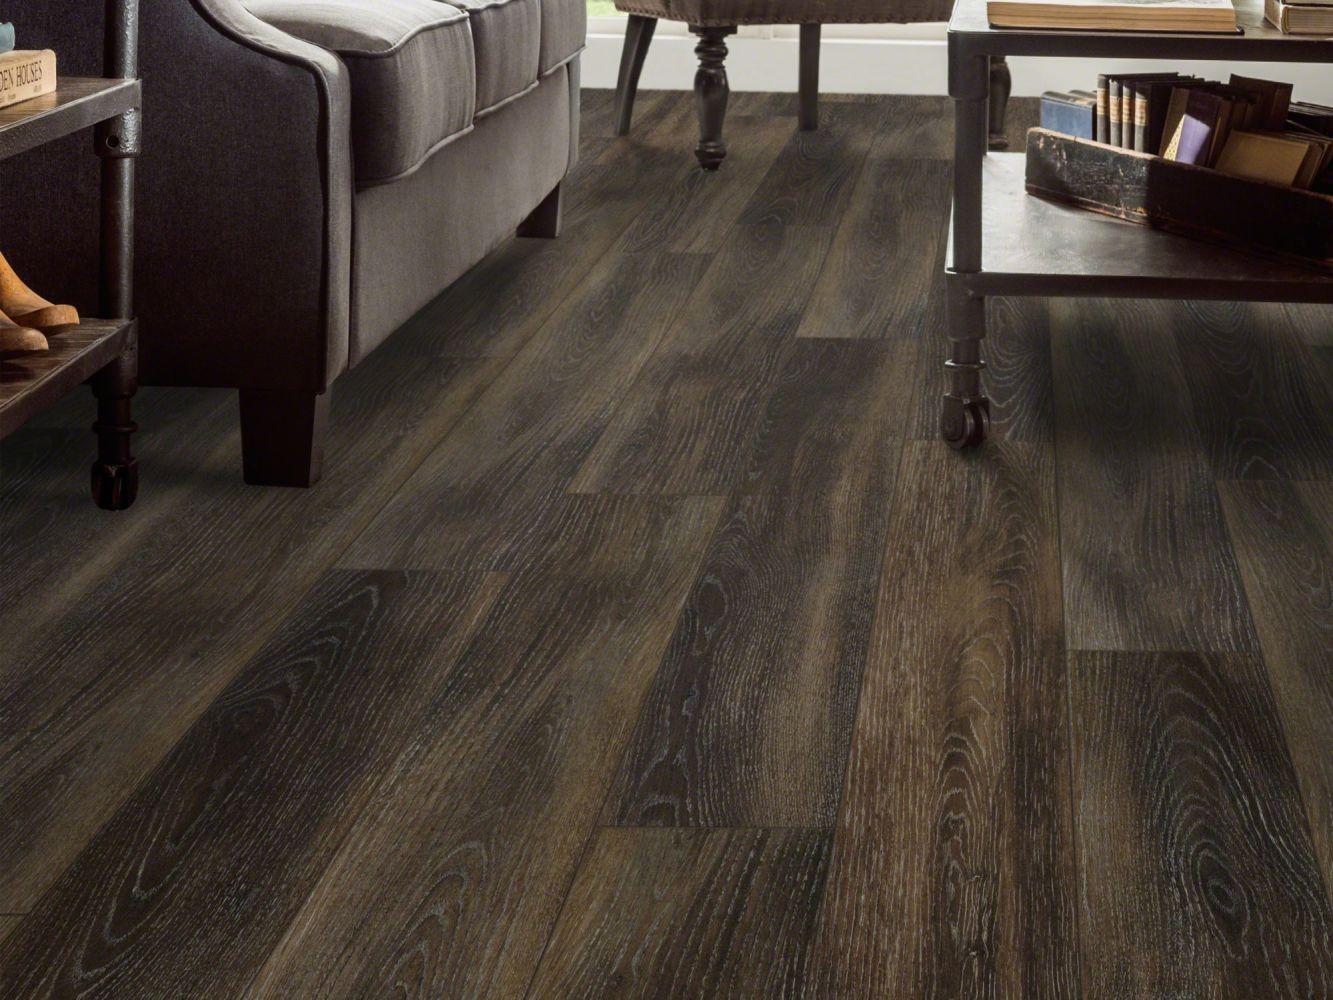 Shaw Floors Vinyl Residential Balboa Plus Cacao 00779_0460V